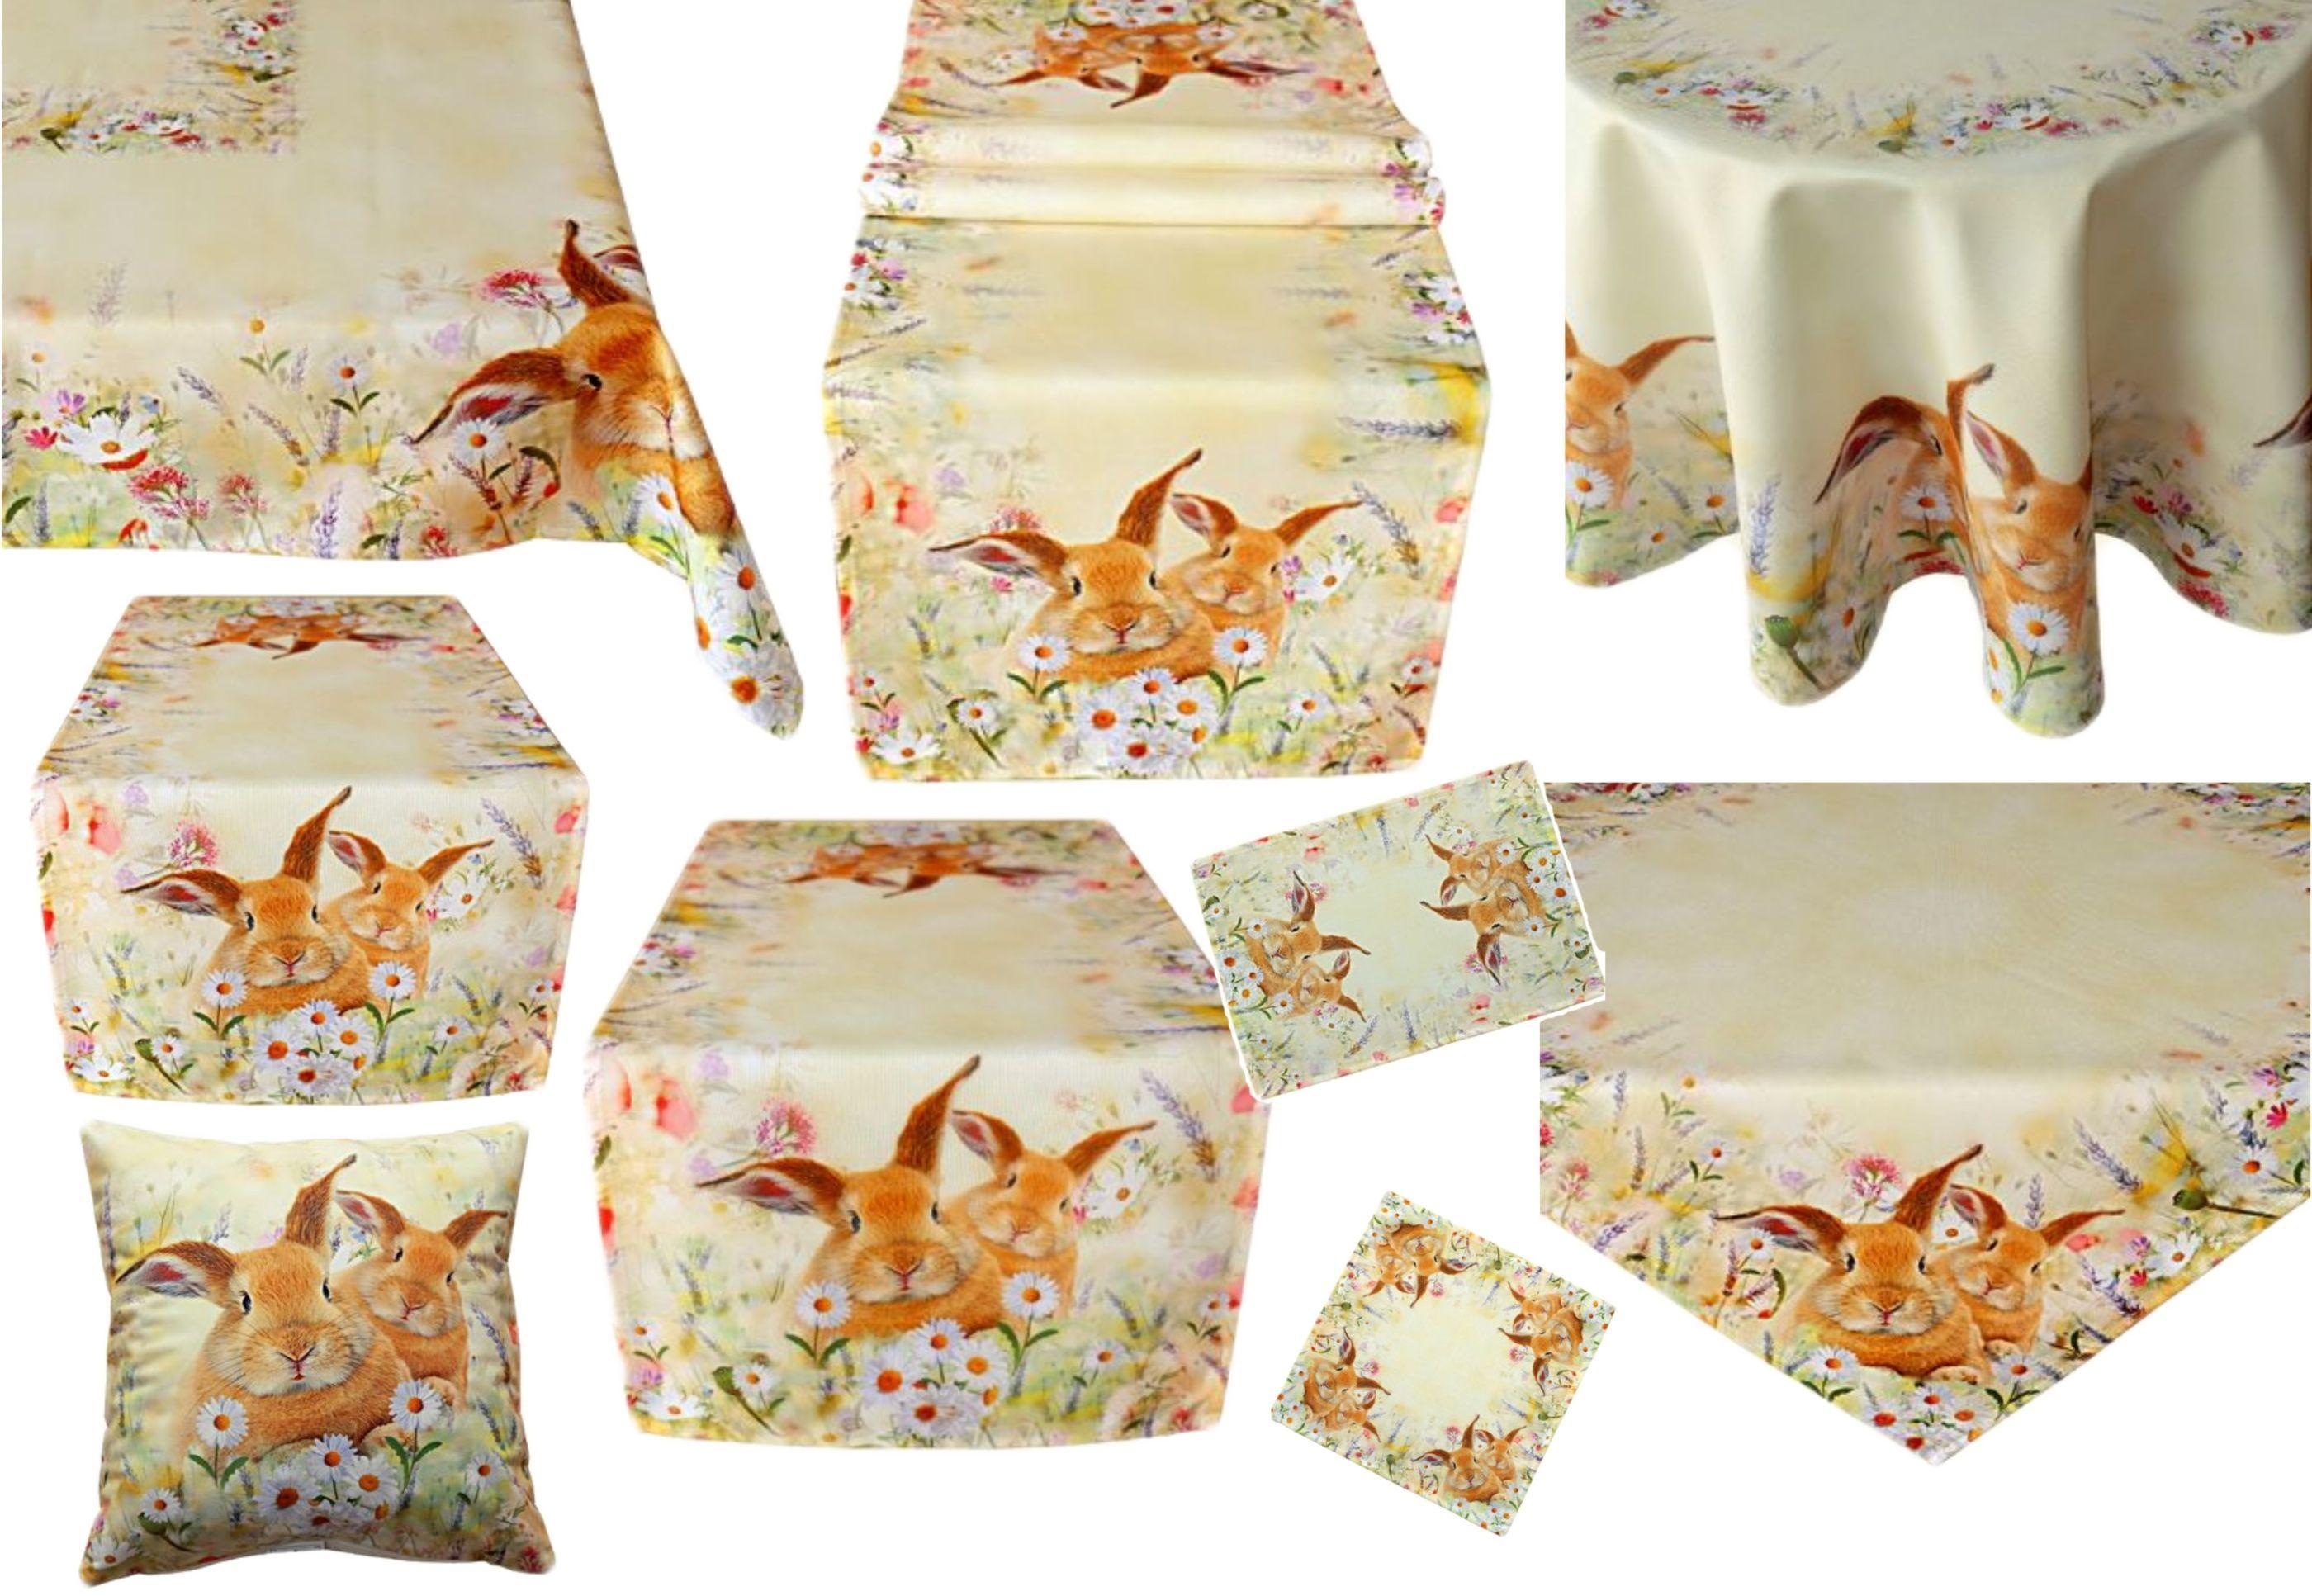 Ostern Tischdecke  Hase braun gelb natur  85x85 cm